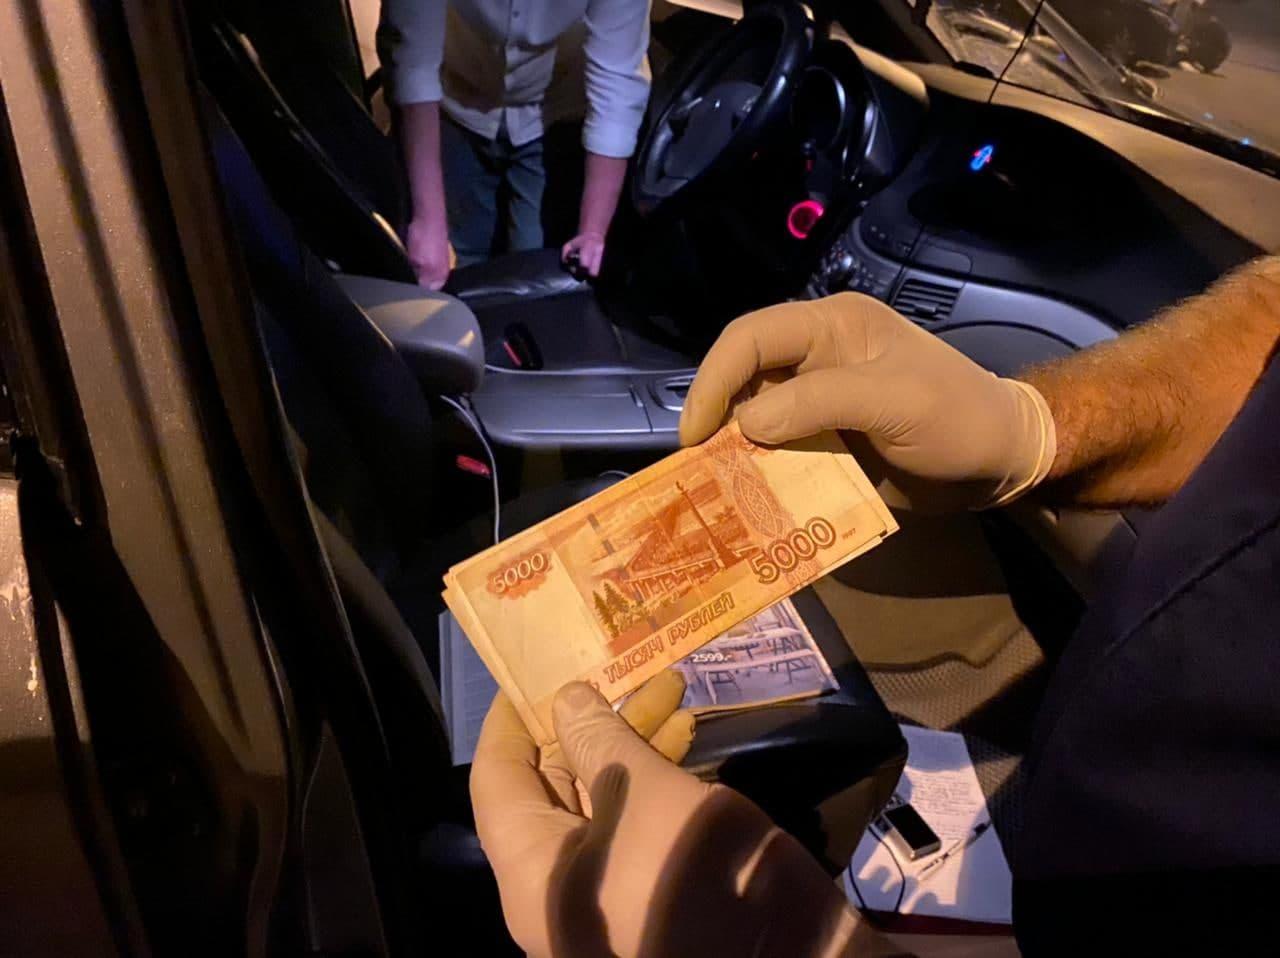 На борца с коррупцией из Севастополя возбудили уголовное дело за мошенничество